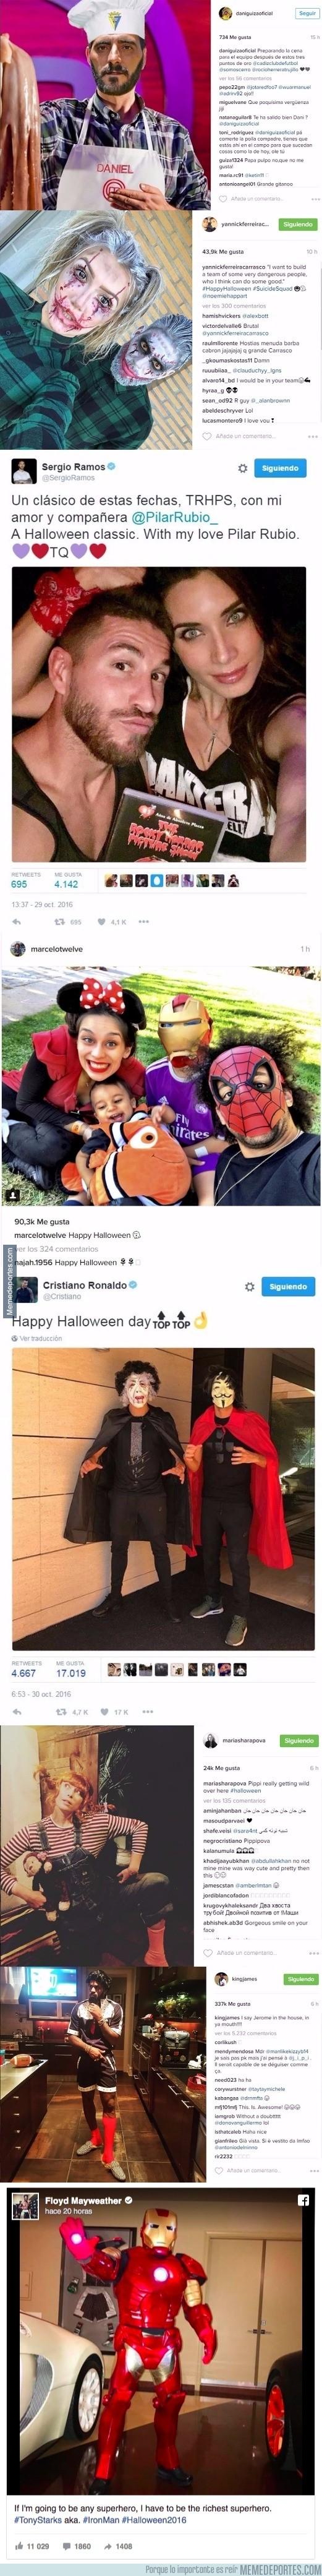 921062 - Los deportistas celebran Halloween en las redes sociales con mayor y menor éxito